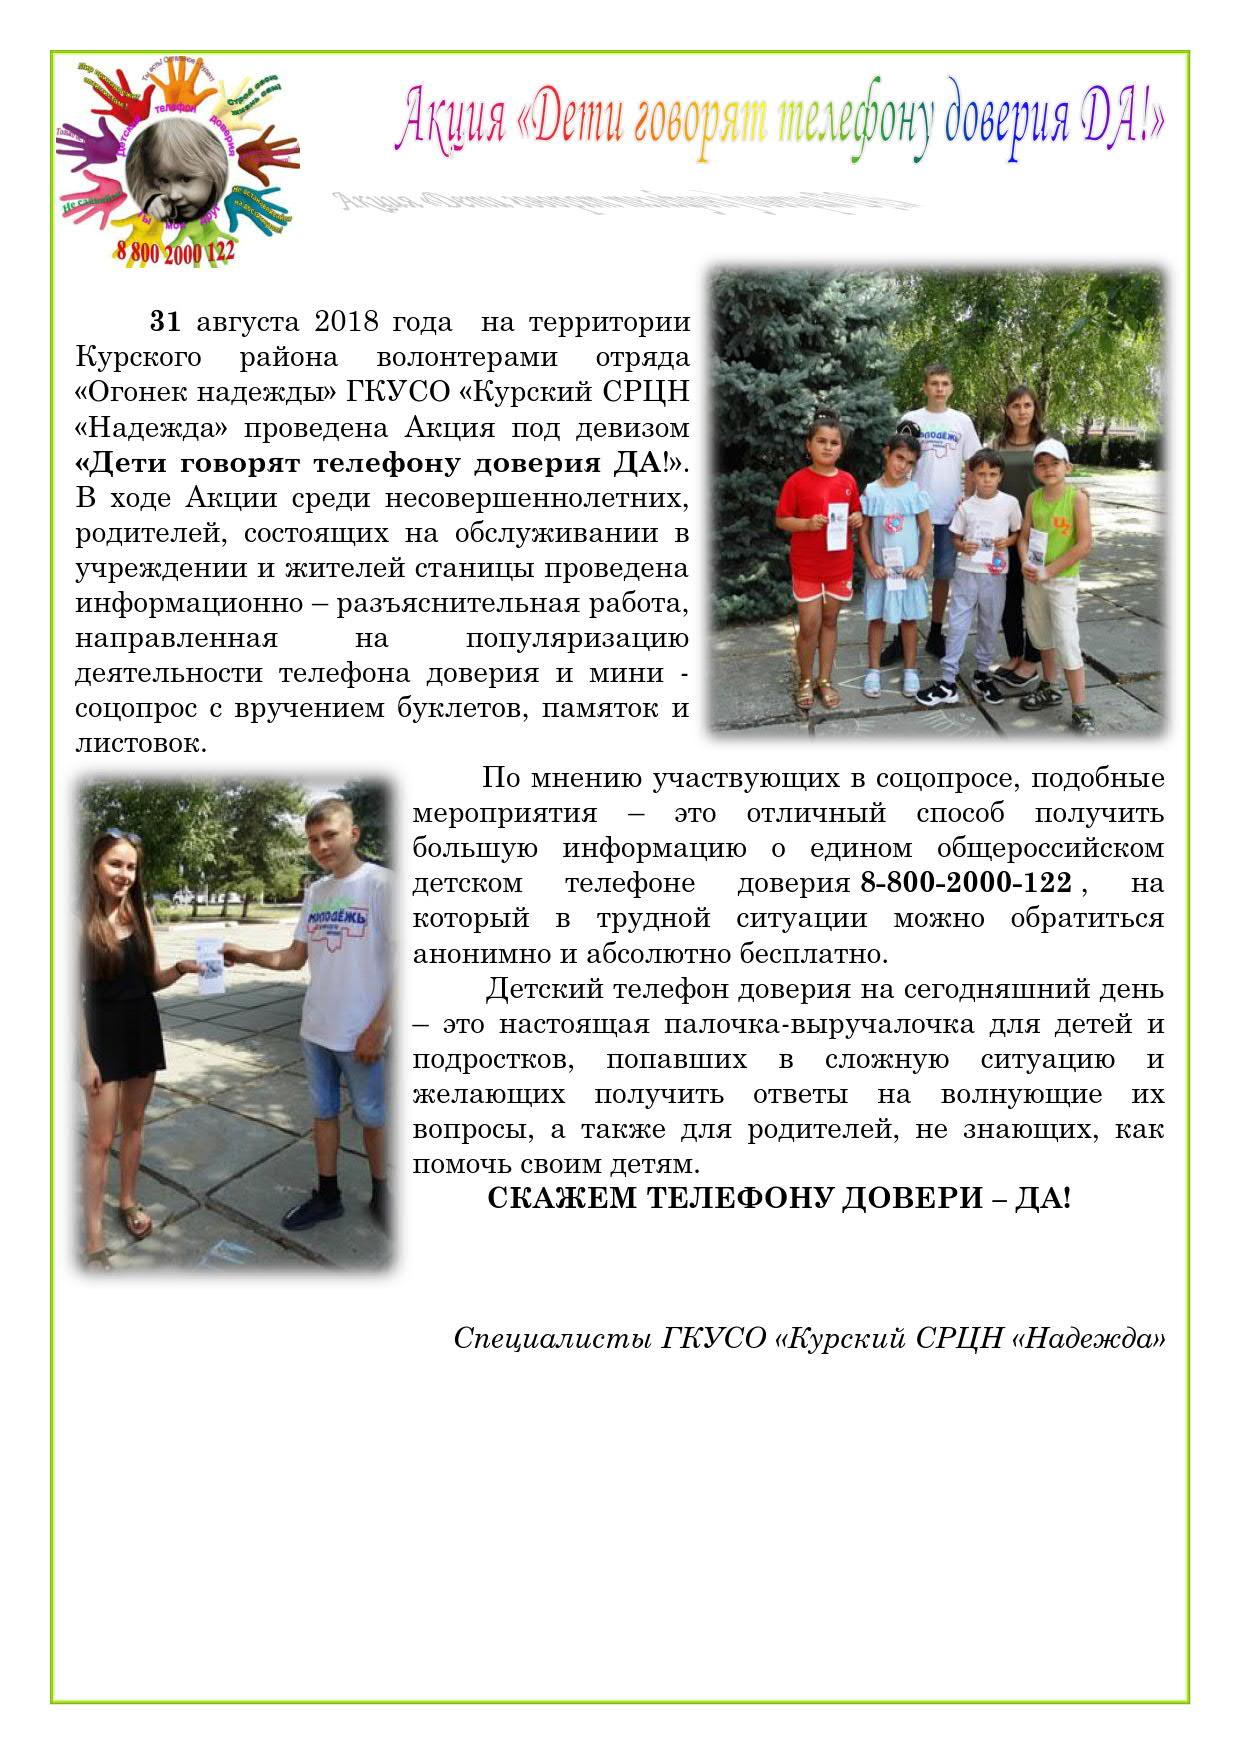 статья акция Скажем телефону доверия ДА_1